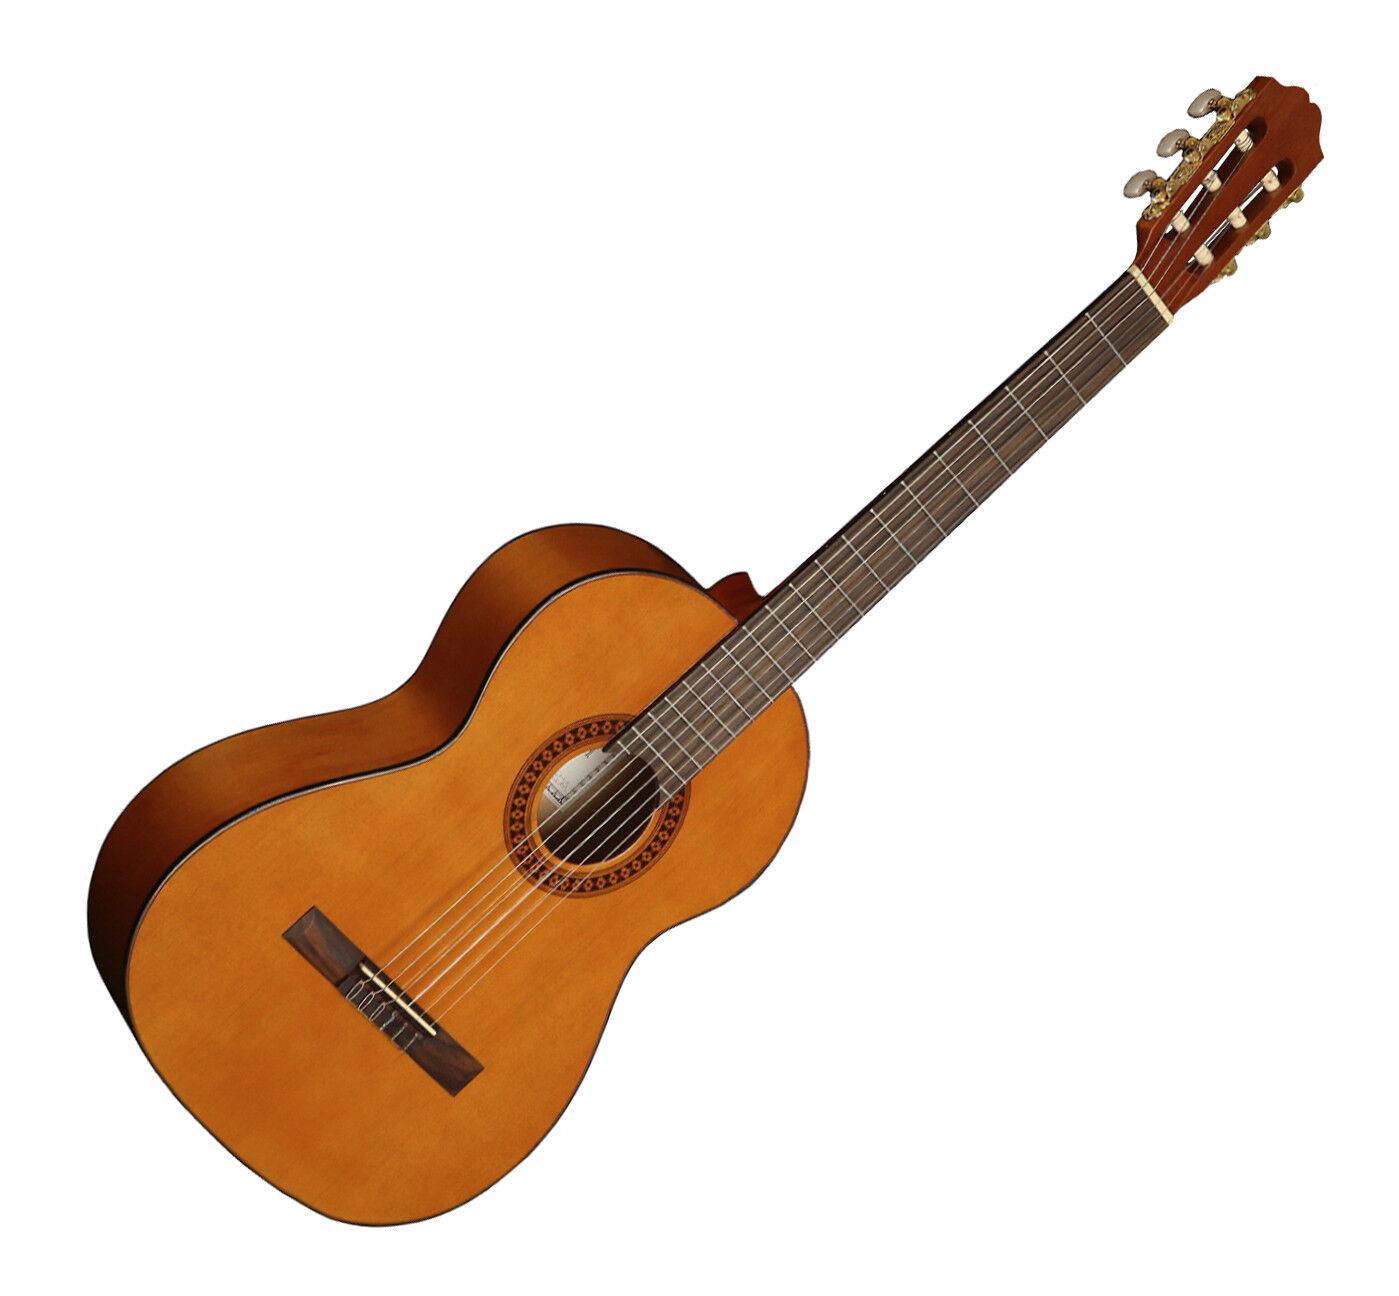 Katoh MCG20/3 3/4 Größe Classical Guitar Best in Class Spruce Top